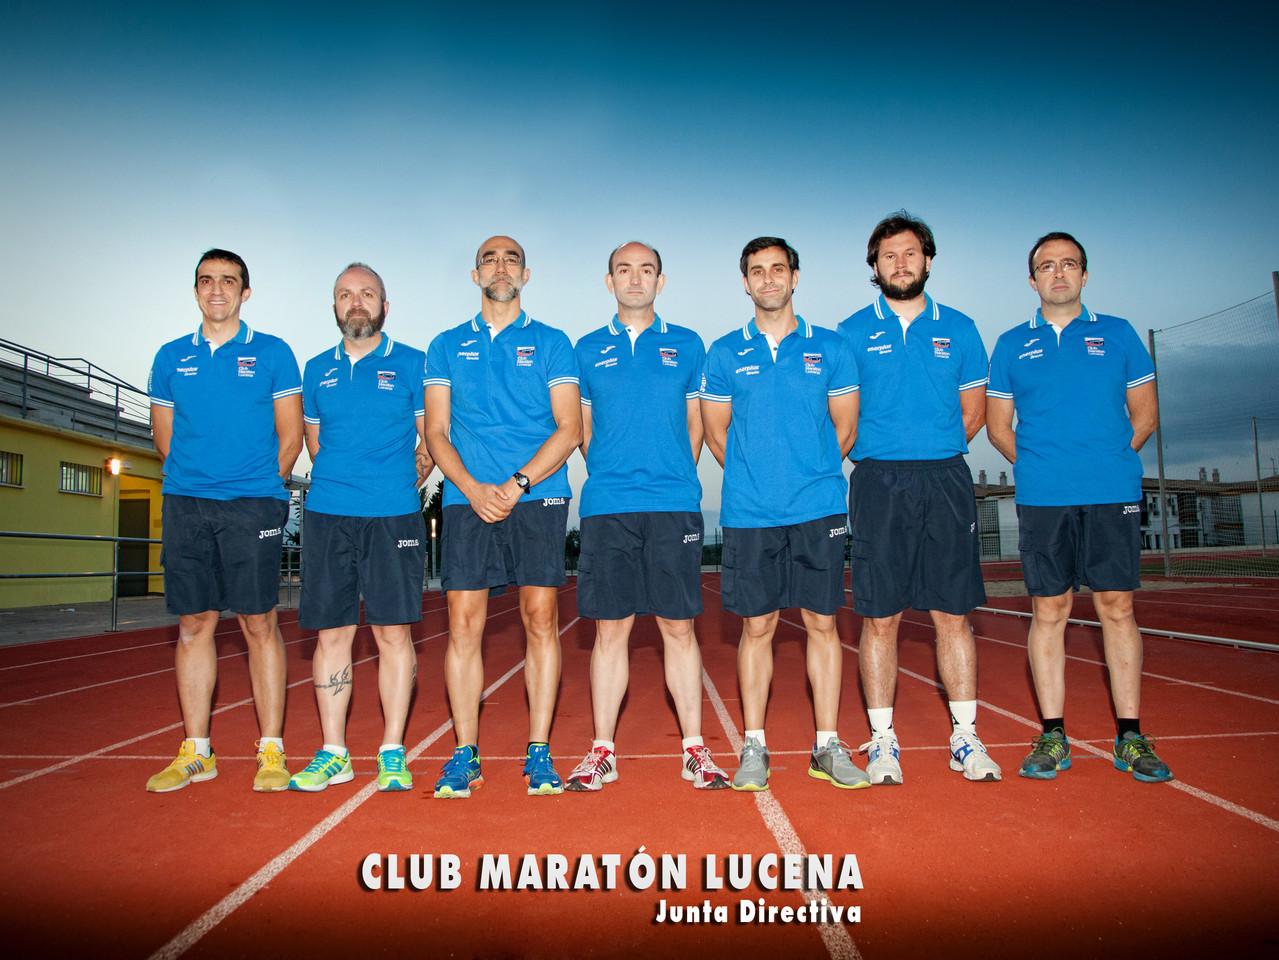 EL CLUB MARATÓN LUCENA TE DA LA BIENVENIDA. - clubmaratonlucena 1330b6dccaaaa